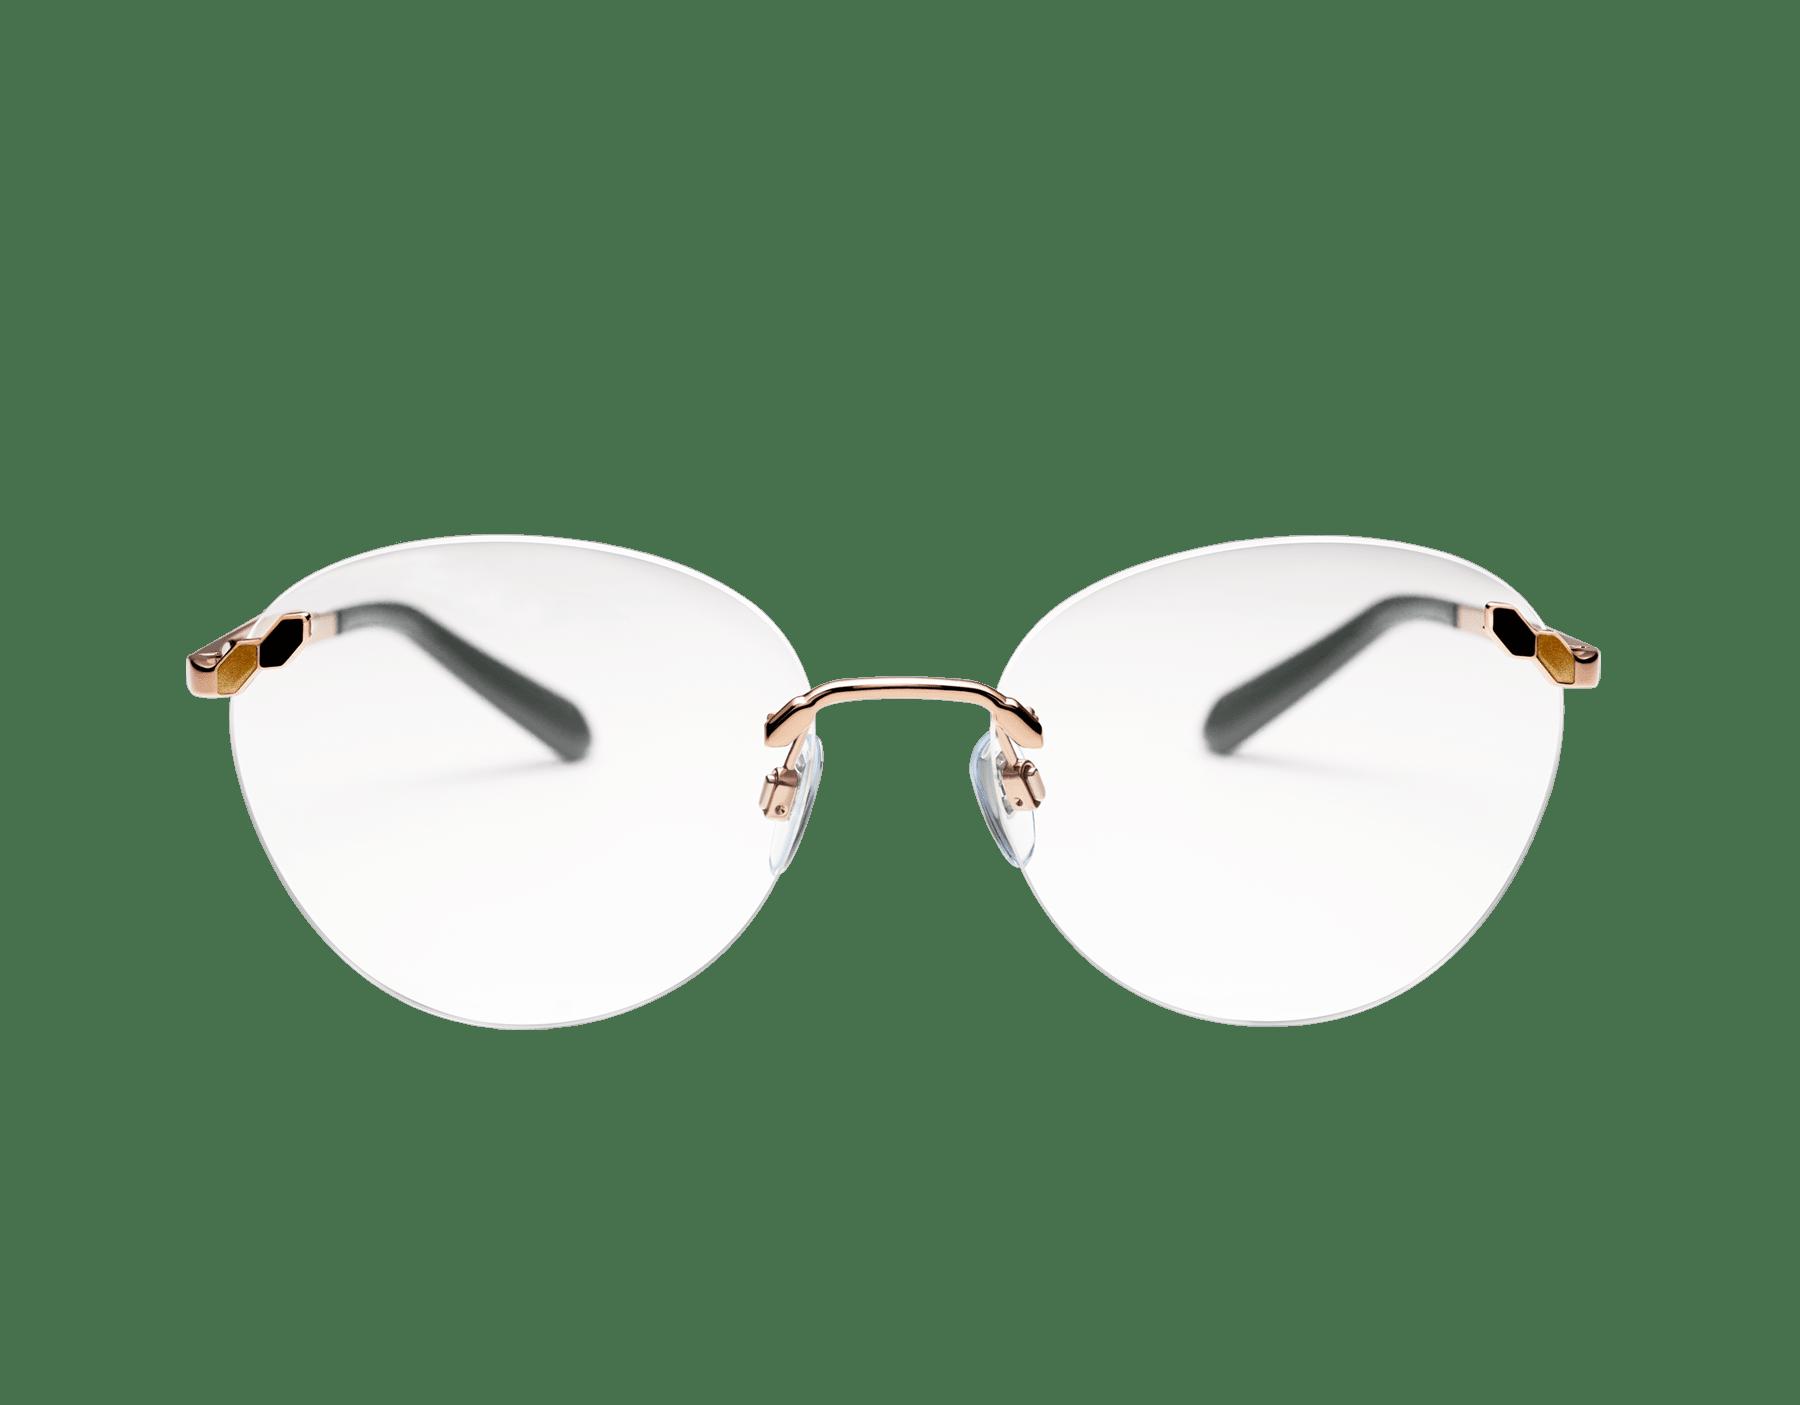 Bvlgari Serpenti round rimless glasses. 903879 image 2